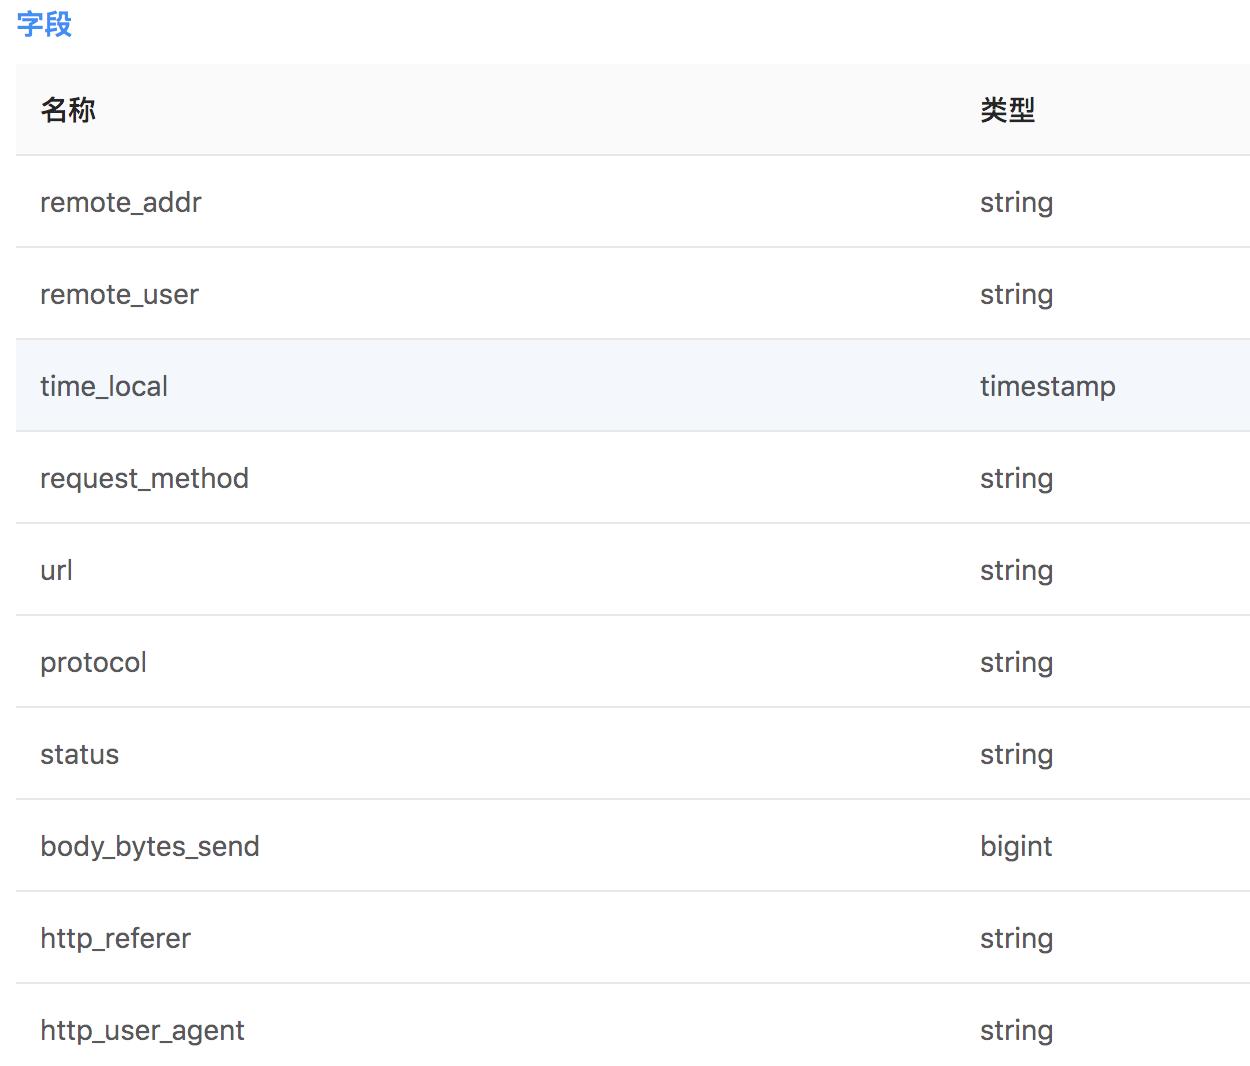 nginx-log-table.png